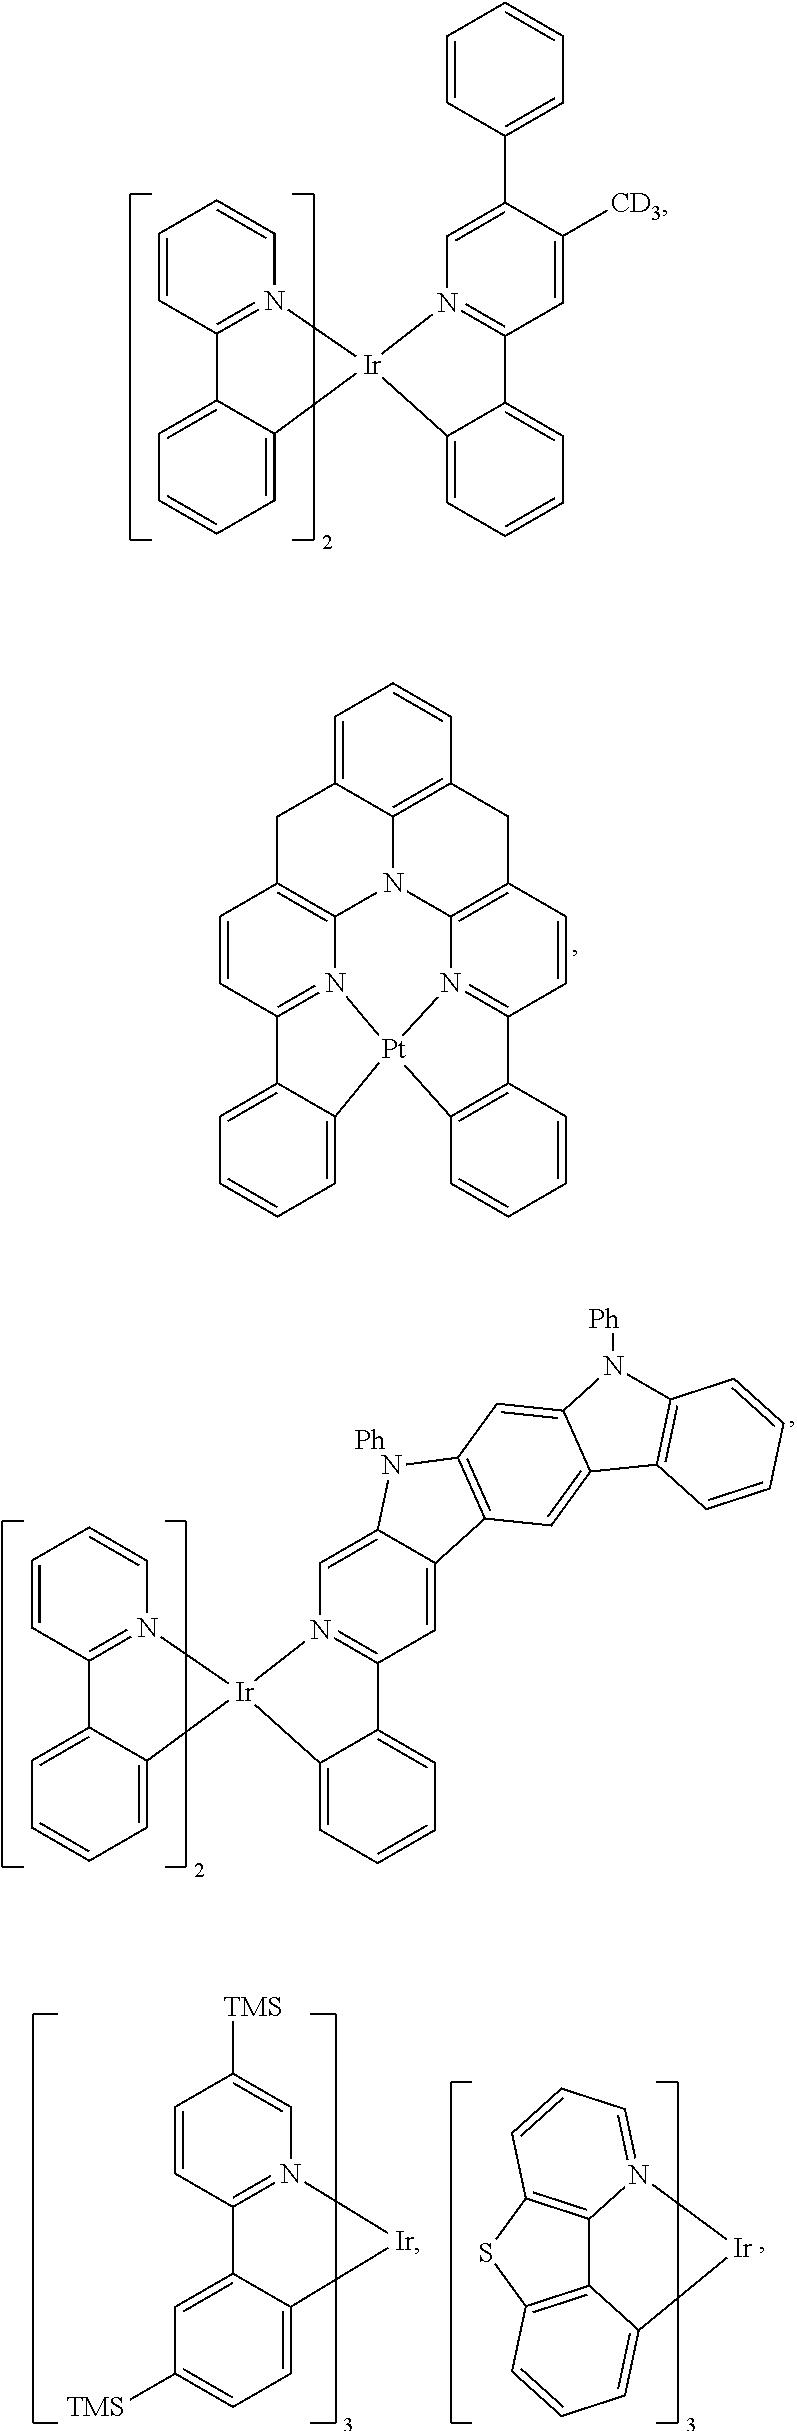 Figure US20180076393A1-20180315-C00112